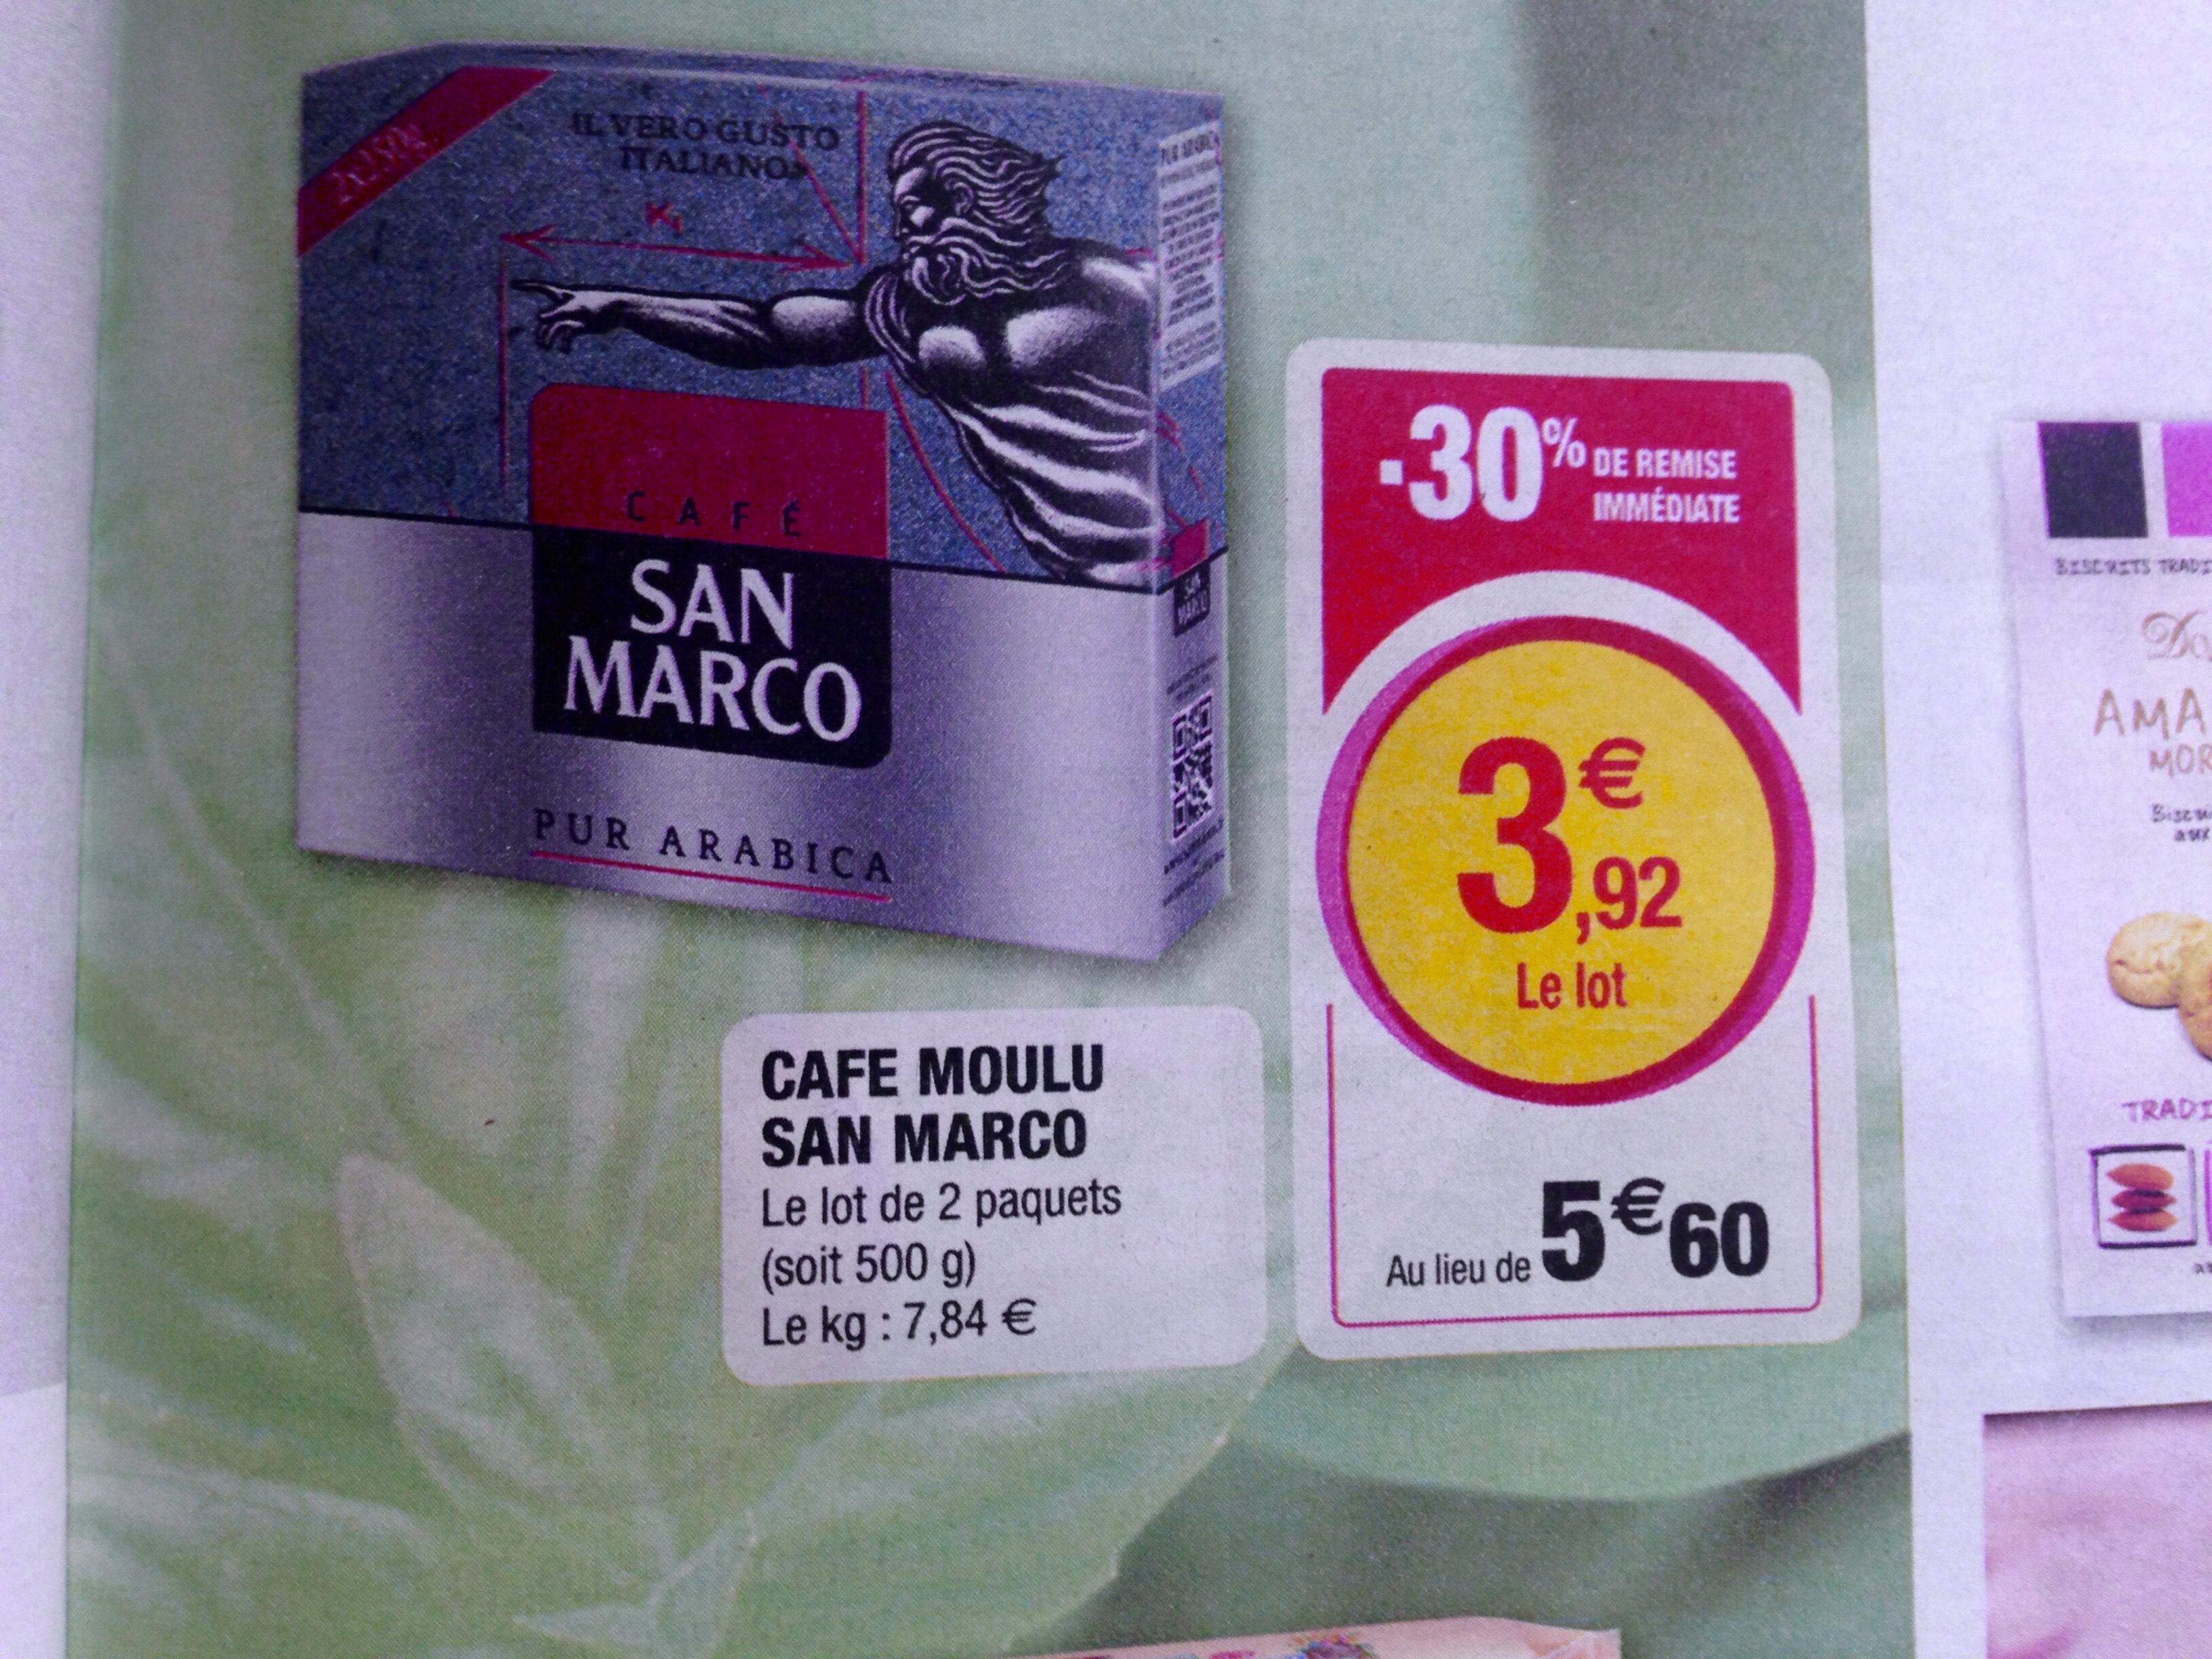 Lot de 2 paquets de café moulu San Marco - 2 x 250g